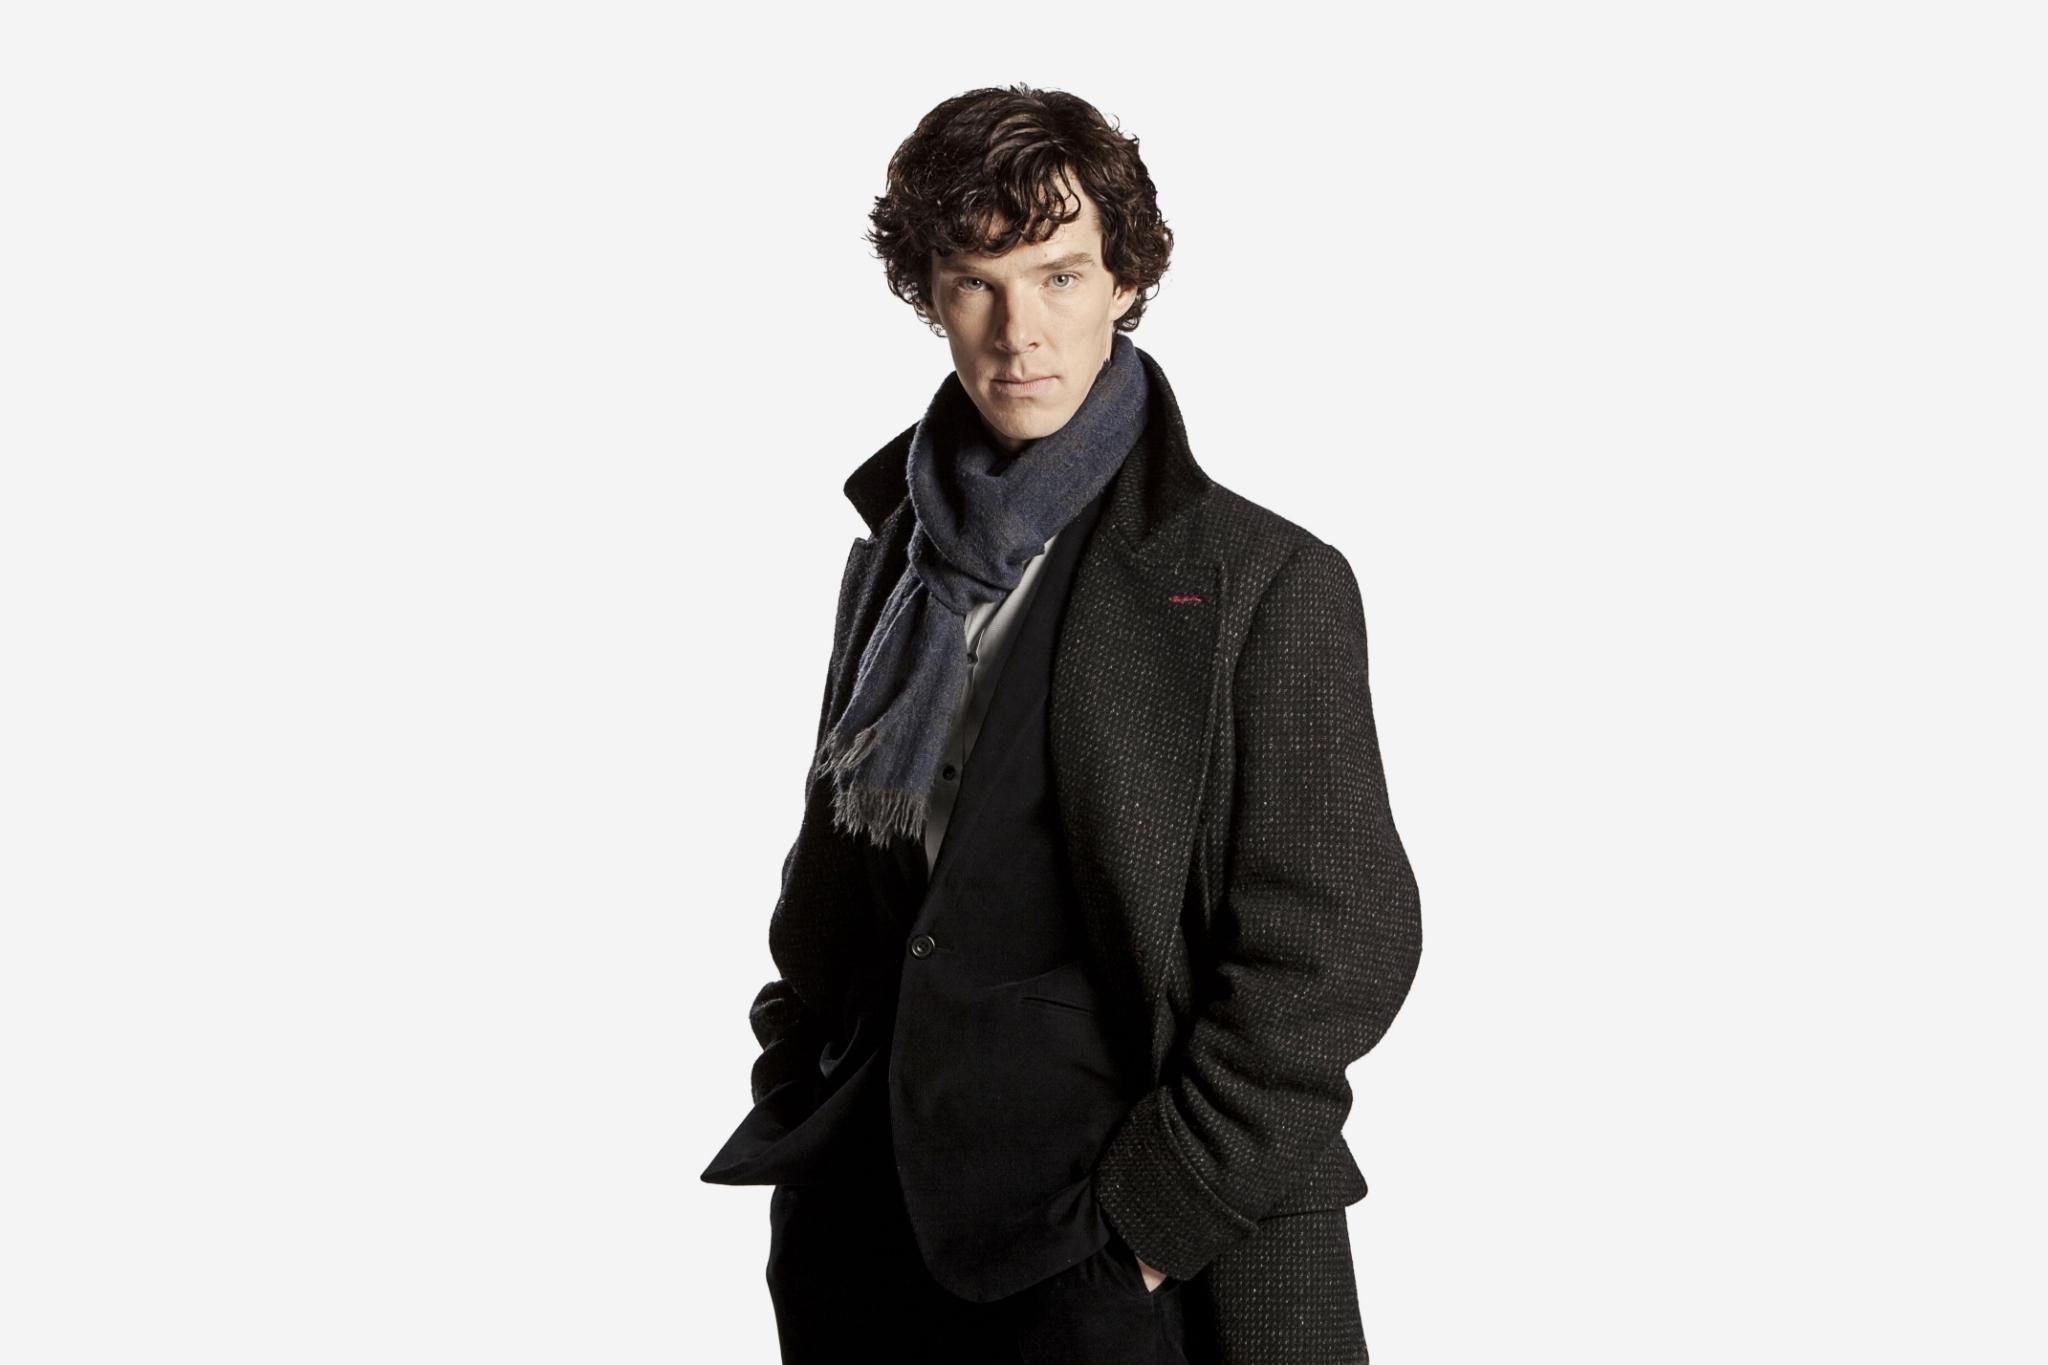 20781 скачать обои Кино, Шерлок (Sherlock), Люди, Актеры, Мужчины, Бенедикт Камбербэтч (Benedict Cumberbatch) - заставки и картинки бесплатно